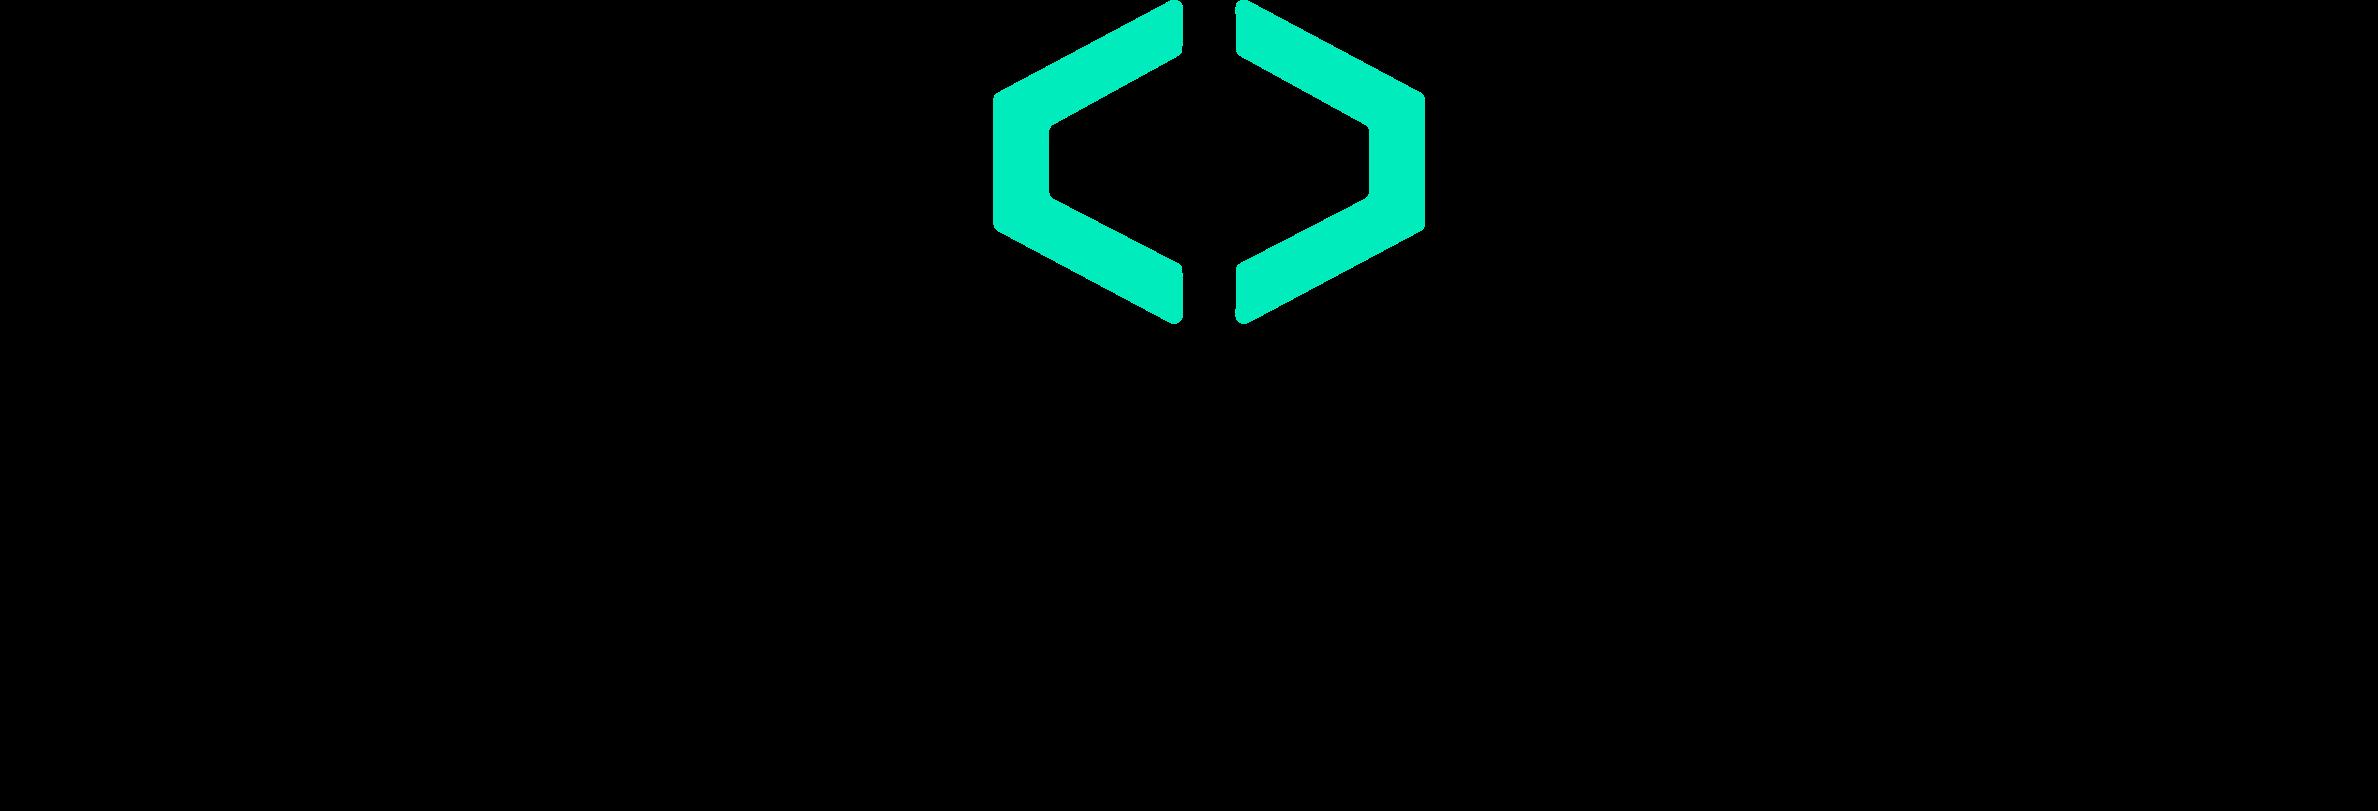 globaldatanet GmbH